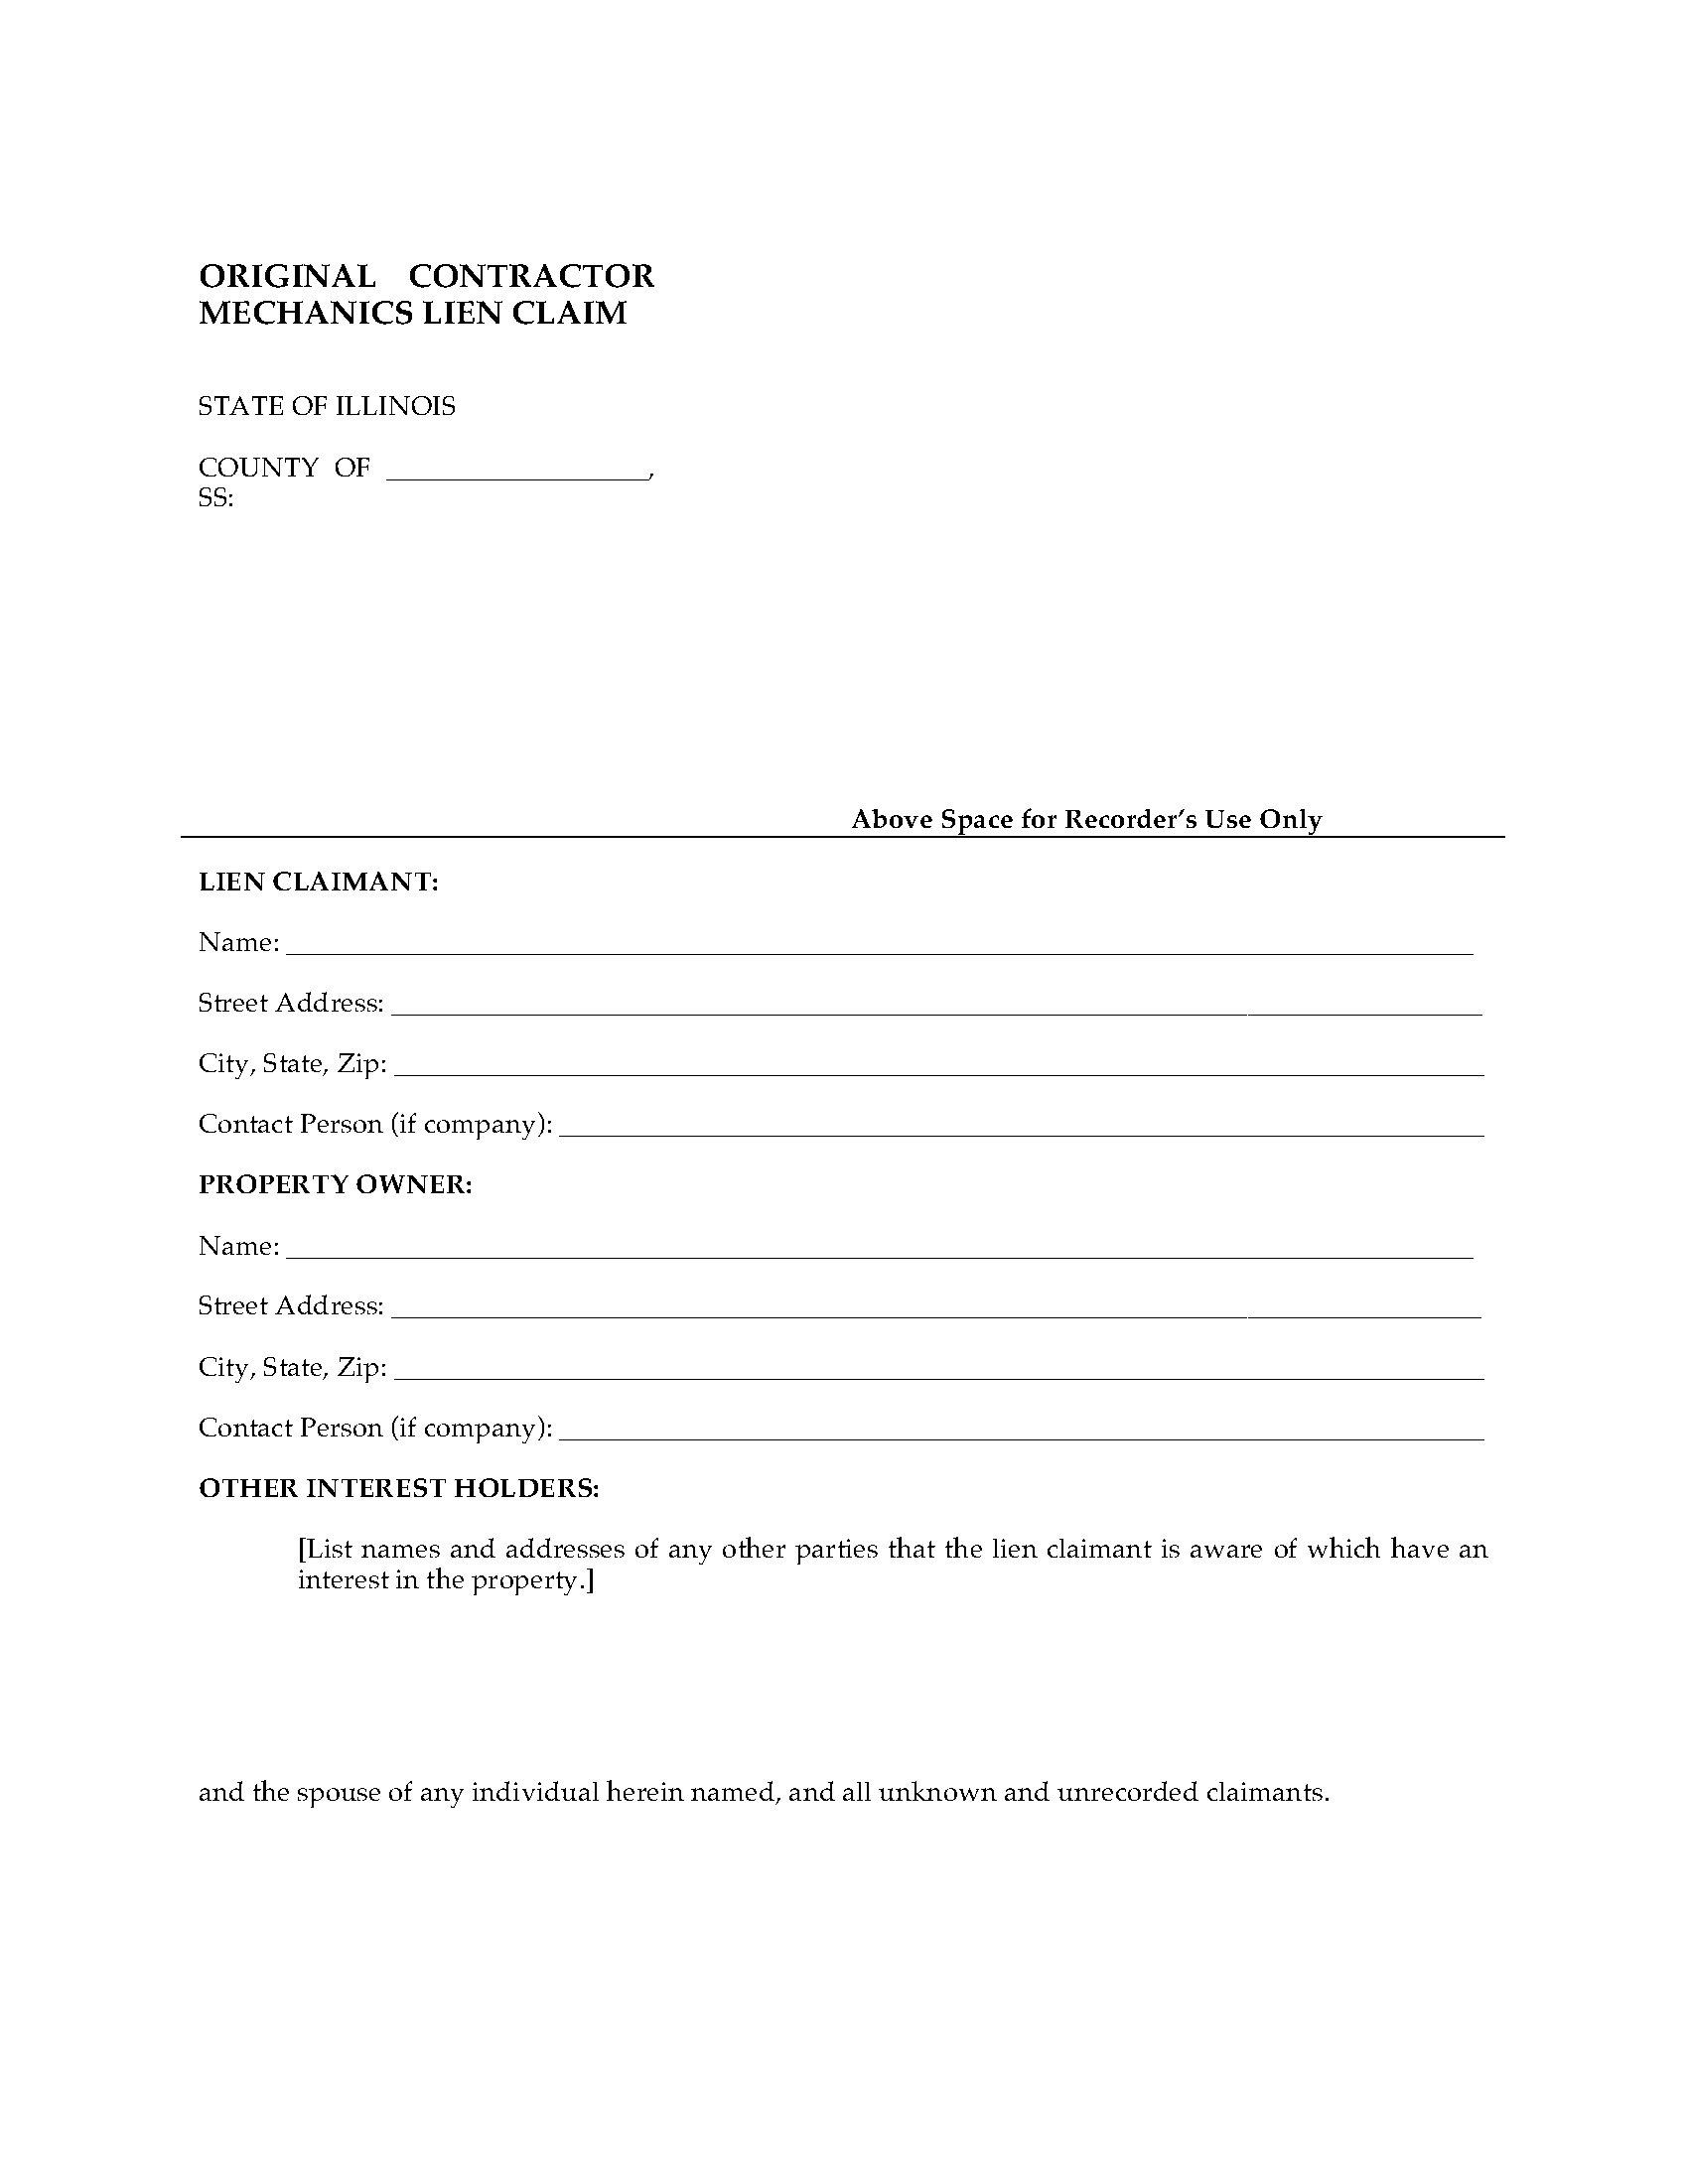 Illinois Original Contractor Mechanics Lien Claim | Legal Forms ...